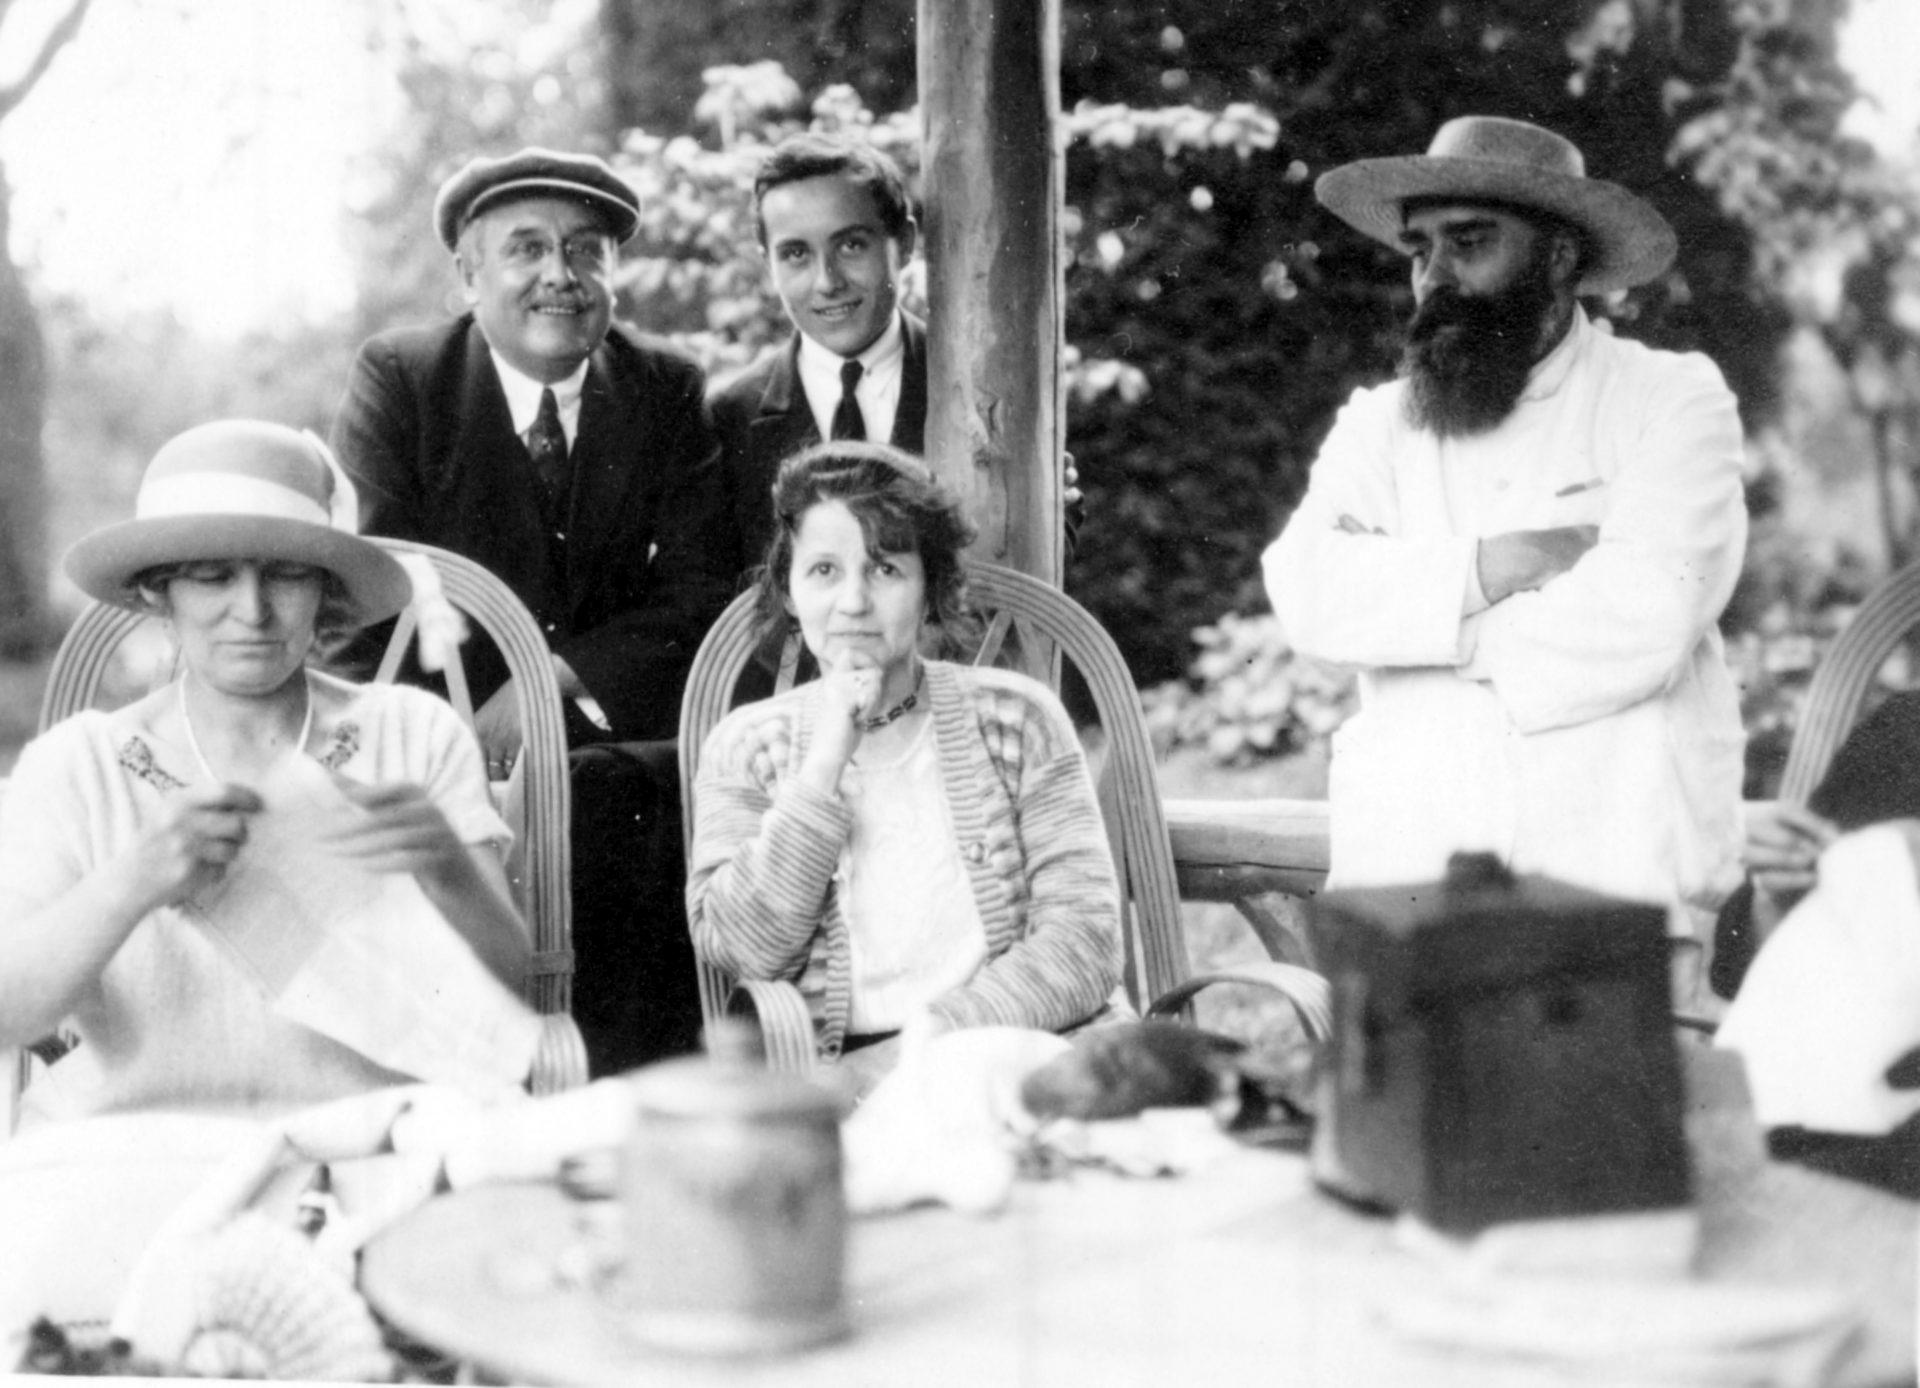 Marie-Mélanie Foussadier à gauche assise, Alexandre Varenne debout à droite